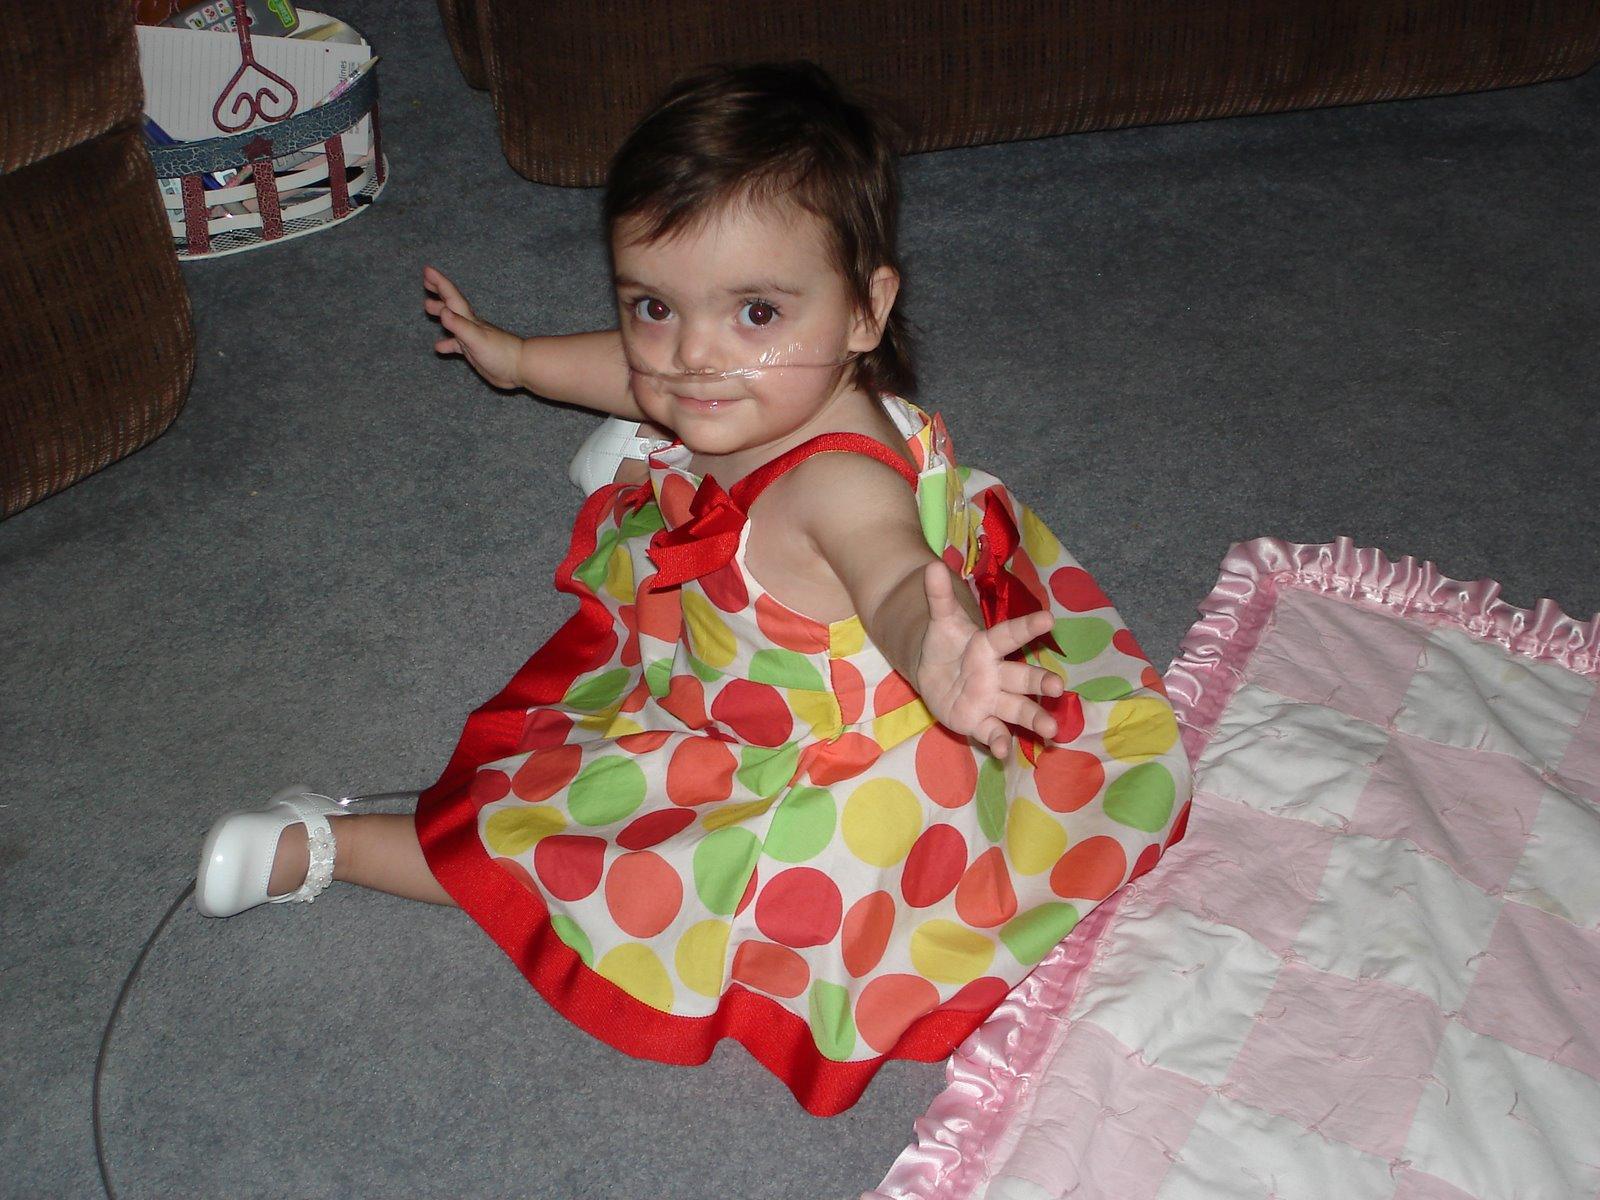 [Maryam+in+March+2008+227.jpg]